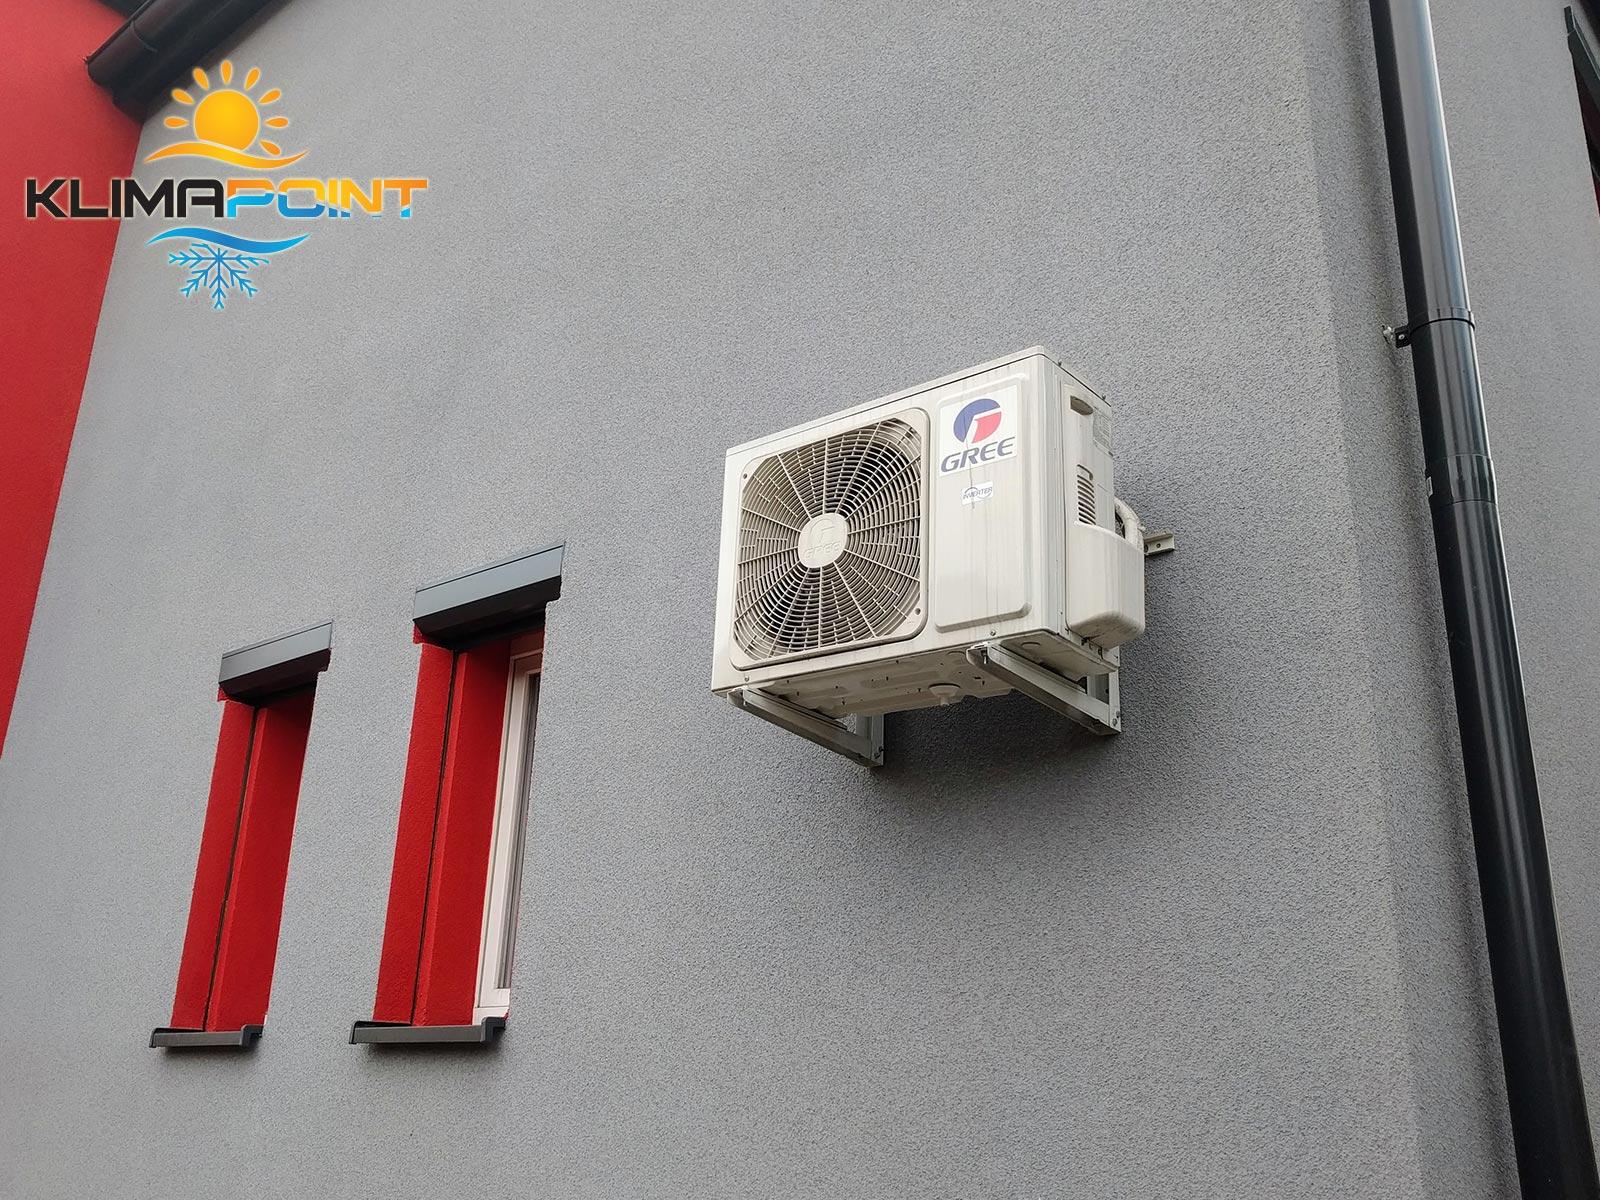 Jednostka zewnętrzna klimatyzatora GREE na elewacji